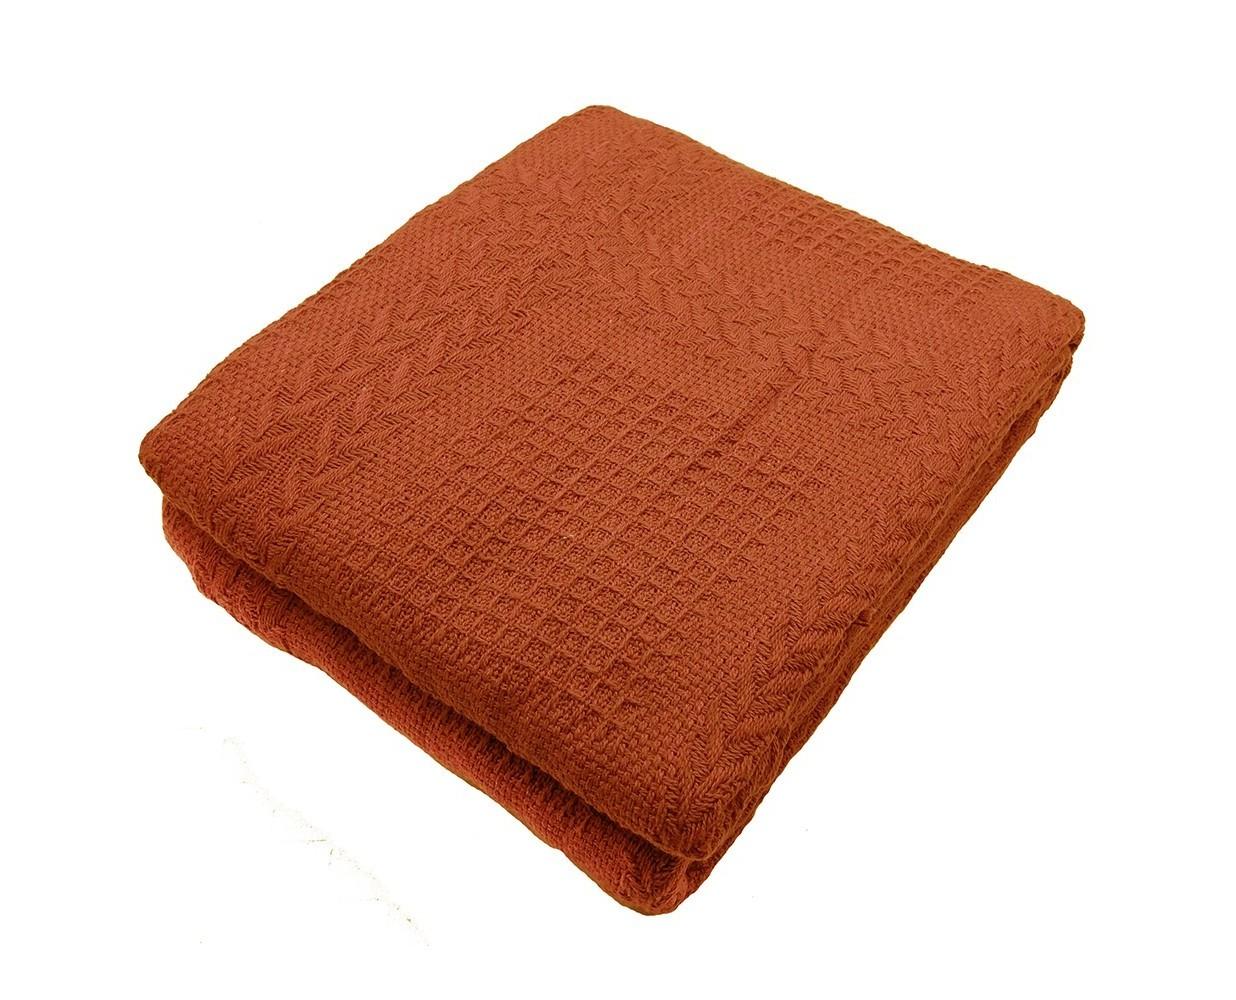 Покрывало МарсельПокрывала<br>Хлопковое объемное вязаное покрывало насыщенного кирпичного цвета.&amp;amp;nbsp;&amp;lt;div&amp;gt;Край покрывала оформлен кистями.&amp;lt;/div&amp;gt;<br><br>Material: Хлопок<br>Length см: None<br>Width см: 160<br>Depth см: 220<br>Height см: None<br>Diameter см: None